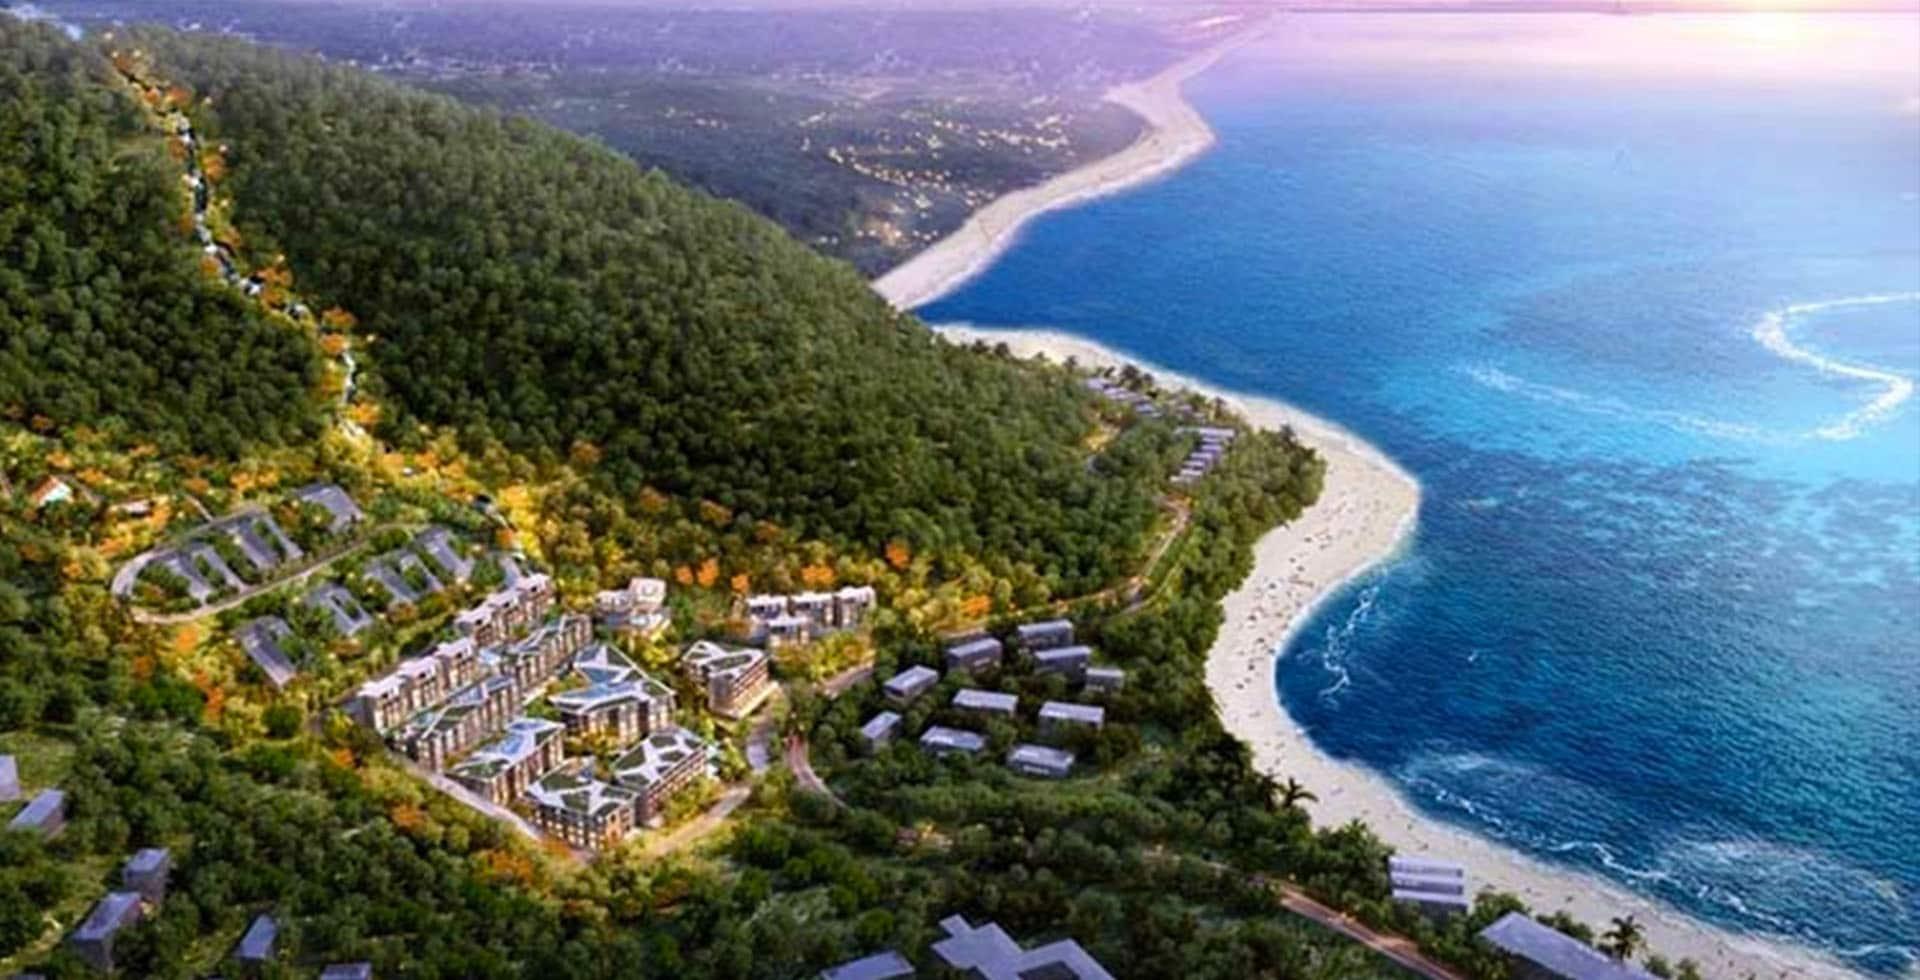 แนะนำคอนโดใหม่ภูเก็ต Adm Platinum Phuket เพื่อการลงทุน